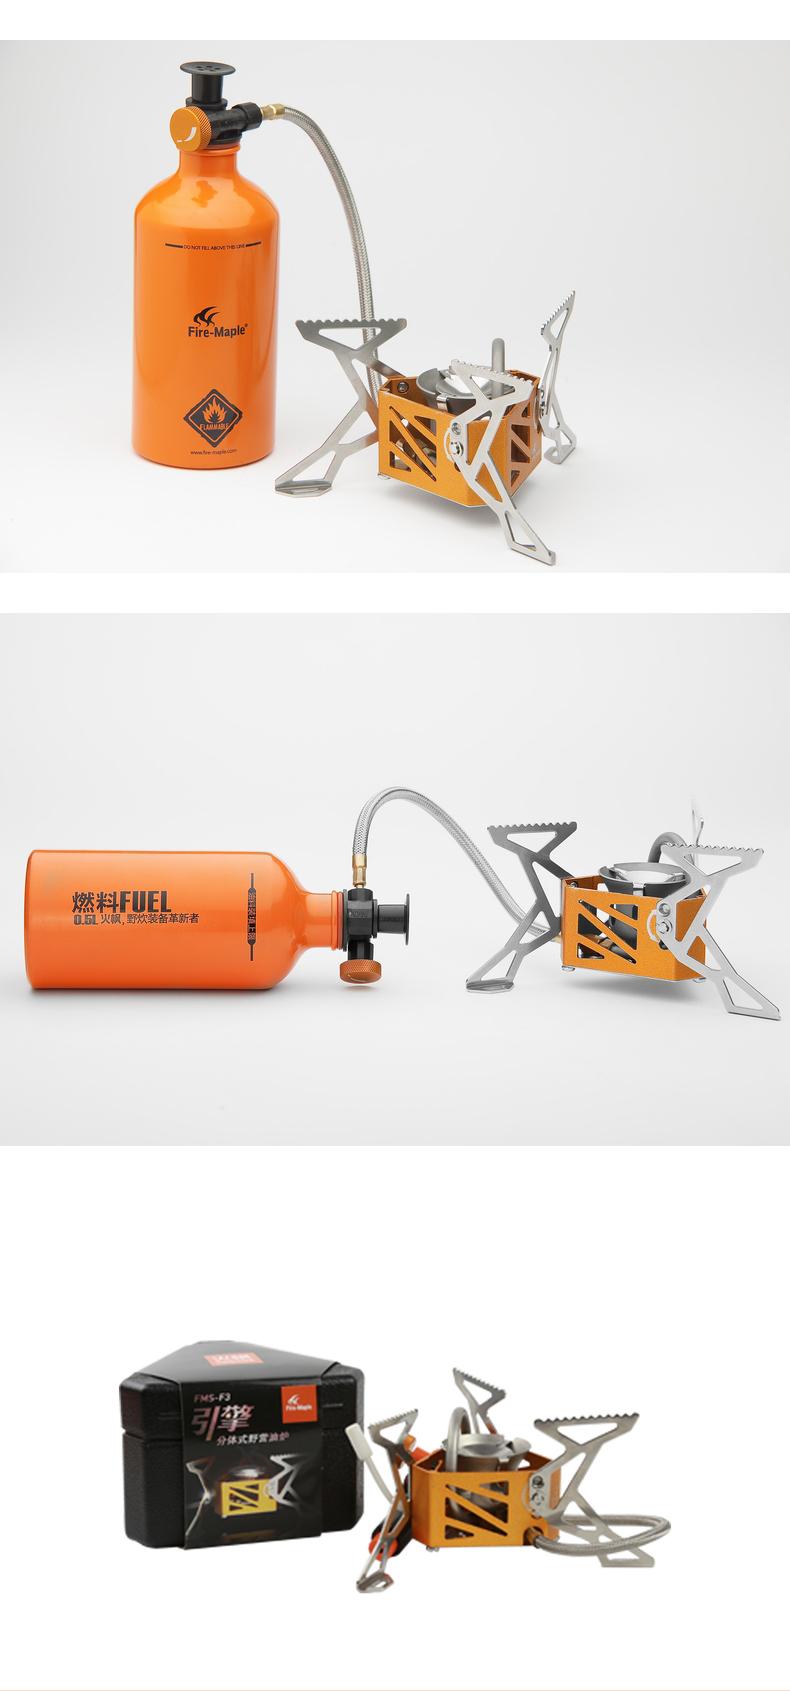 Réchaud à essence Fire-Maple aliexpress HTB15oUePFXXXXb7XXXXq6xXFXXXn